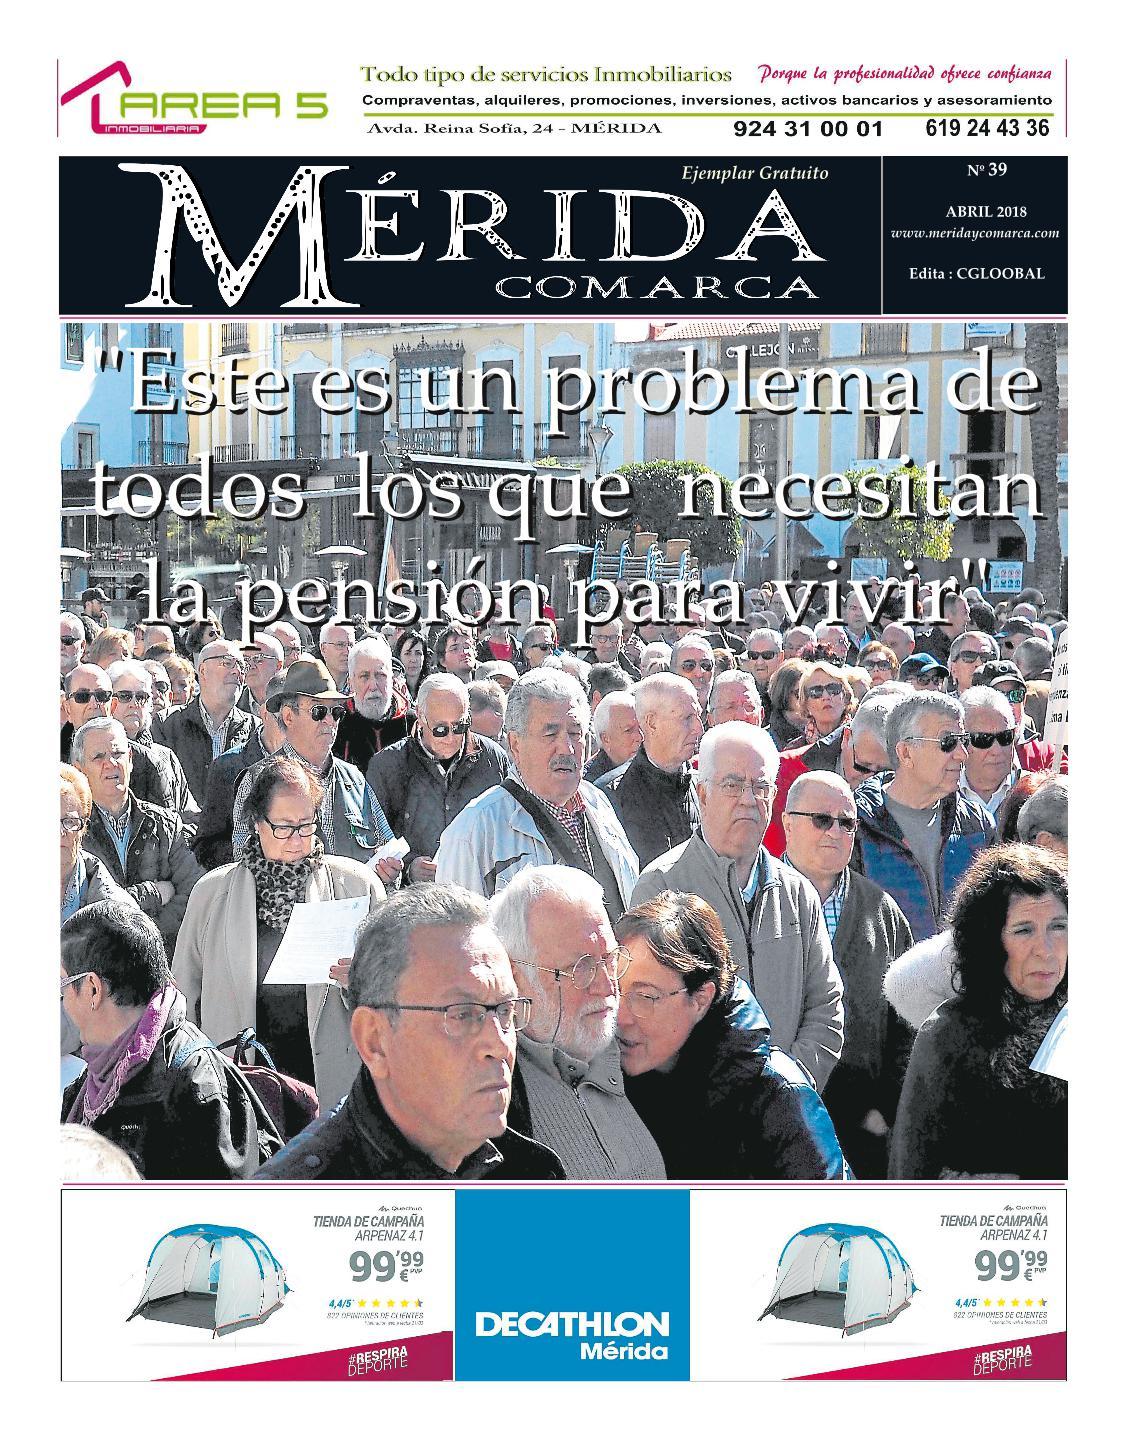 El Periódico MeridaComarca del mes de abril ya se encuentra en sus lugares habituales de distribución